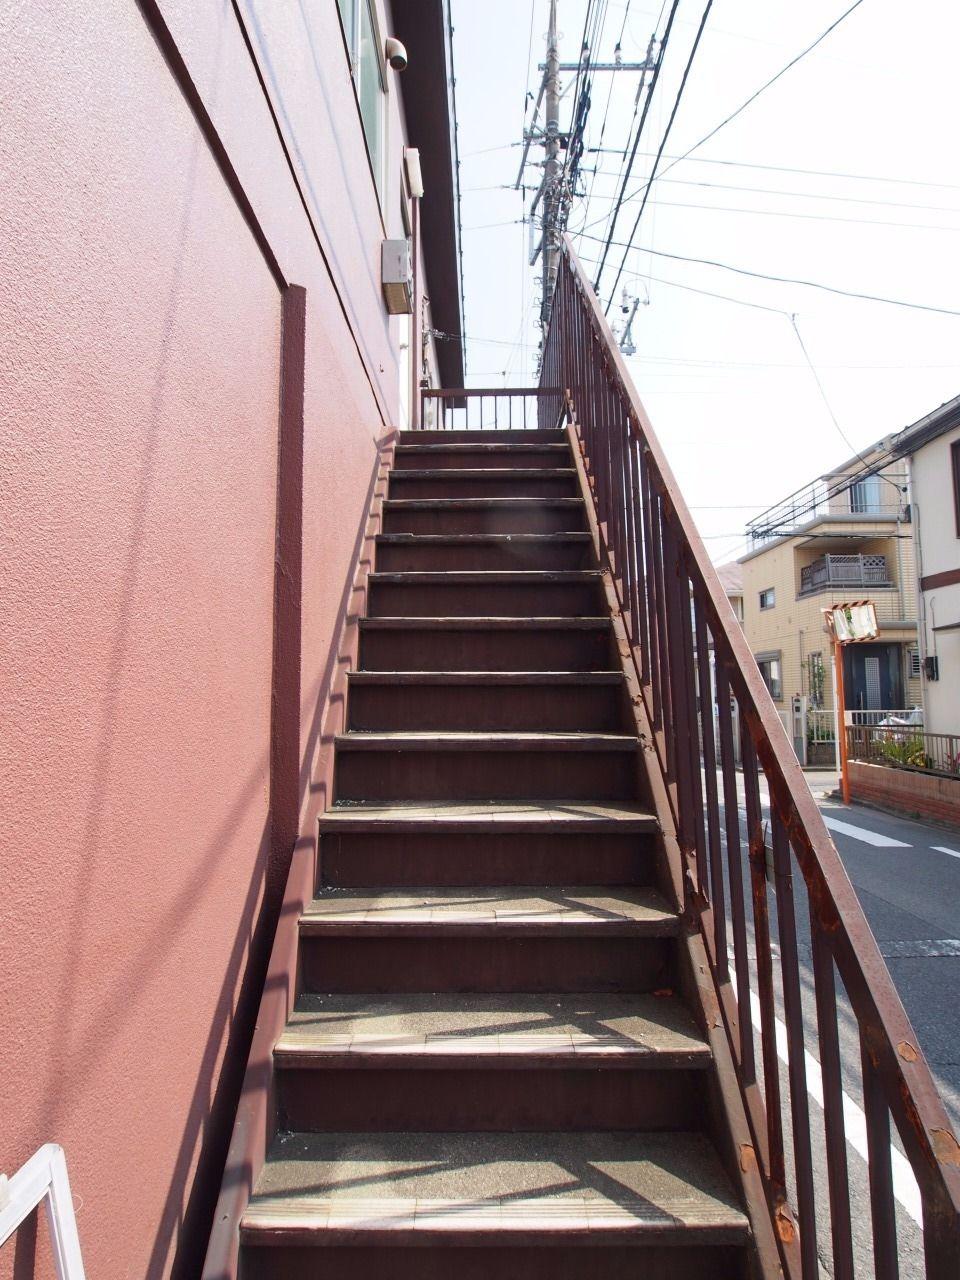 通りからすぐに階段へアクセス可能